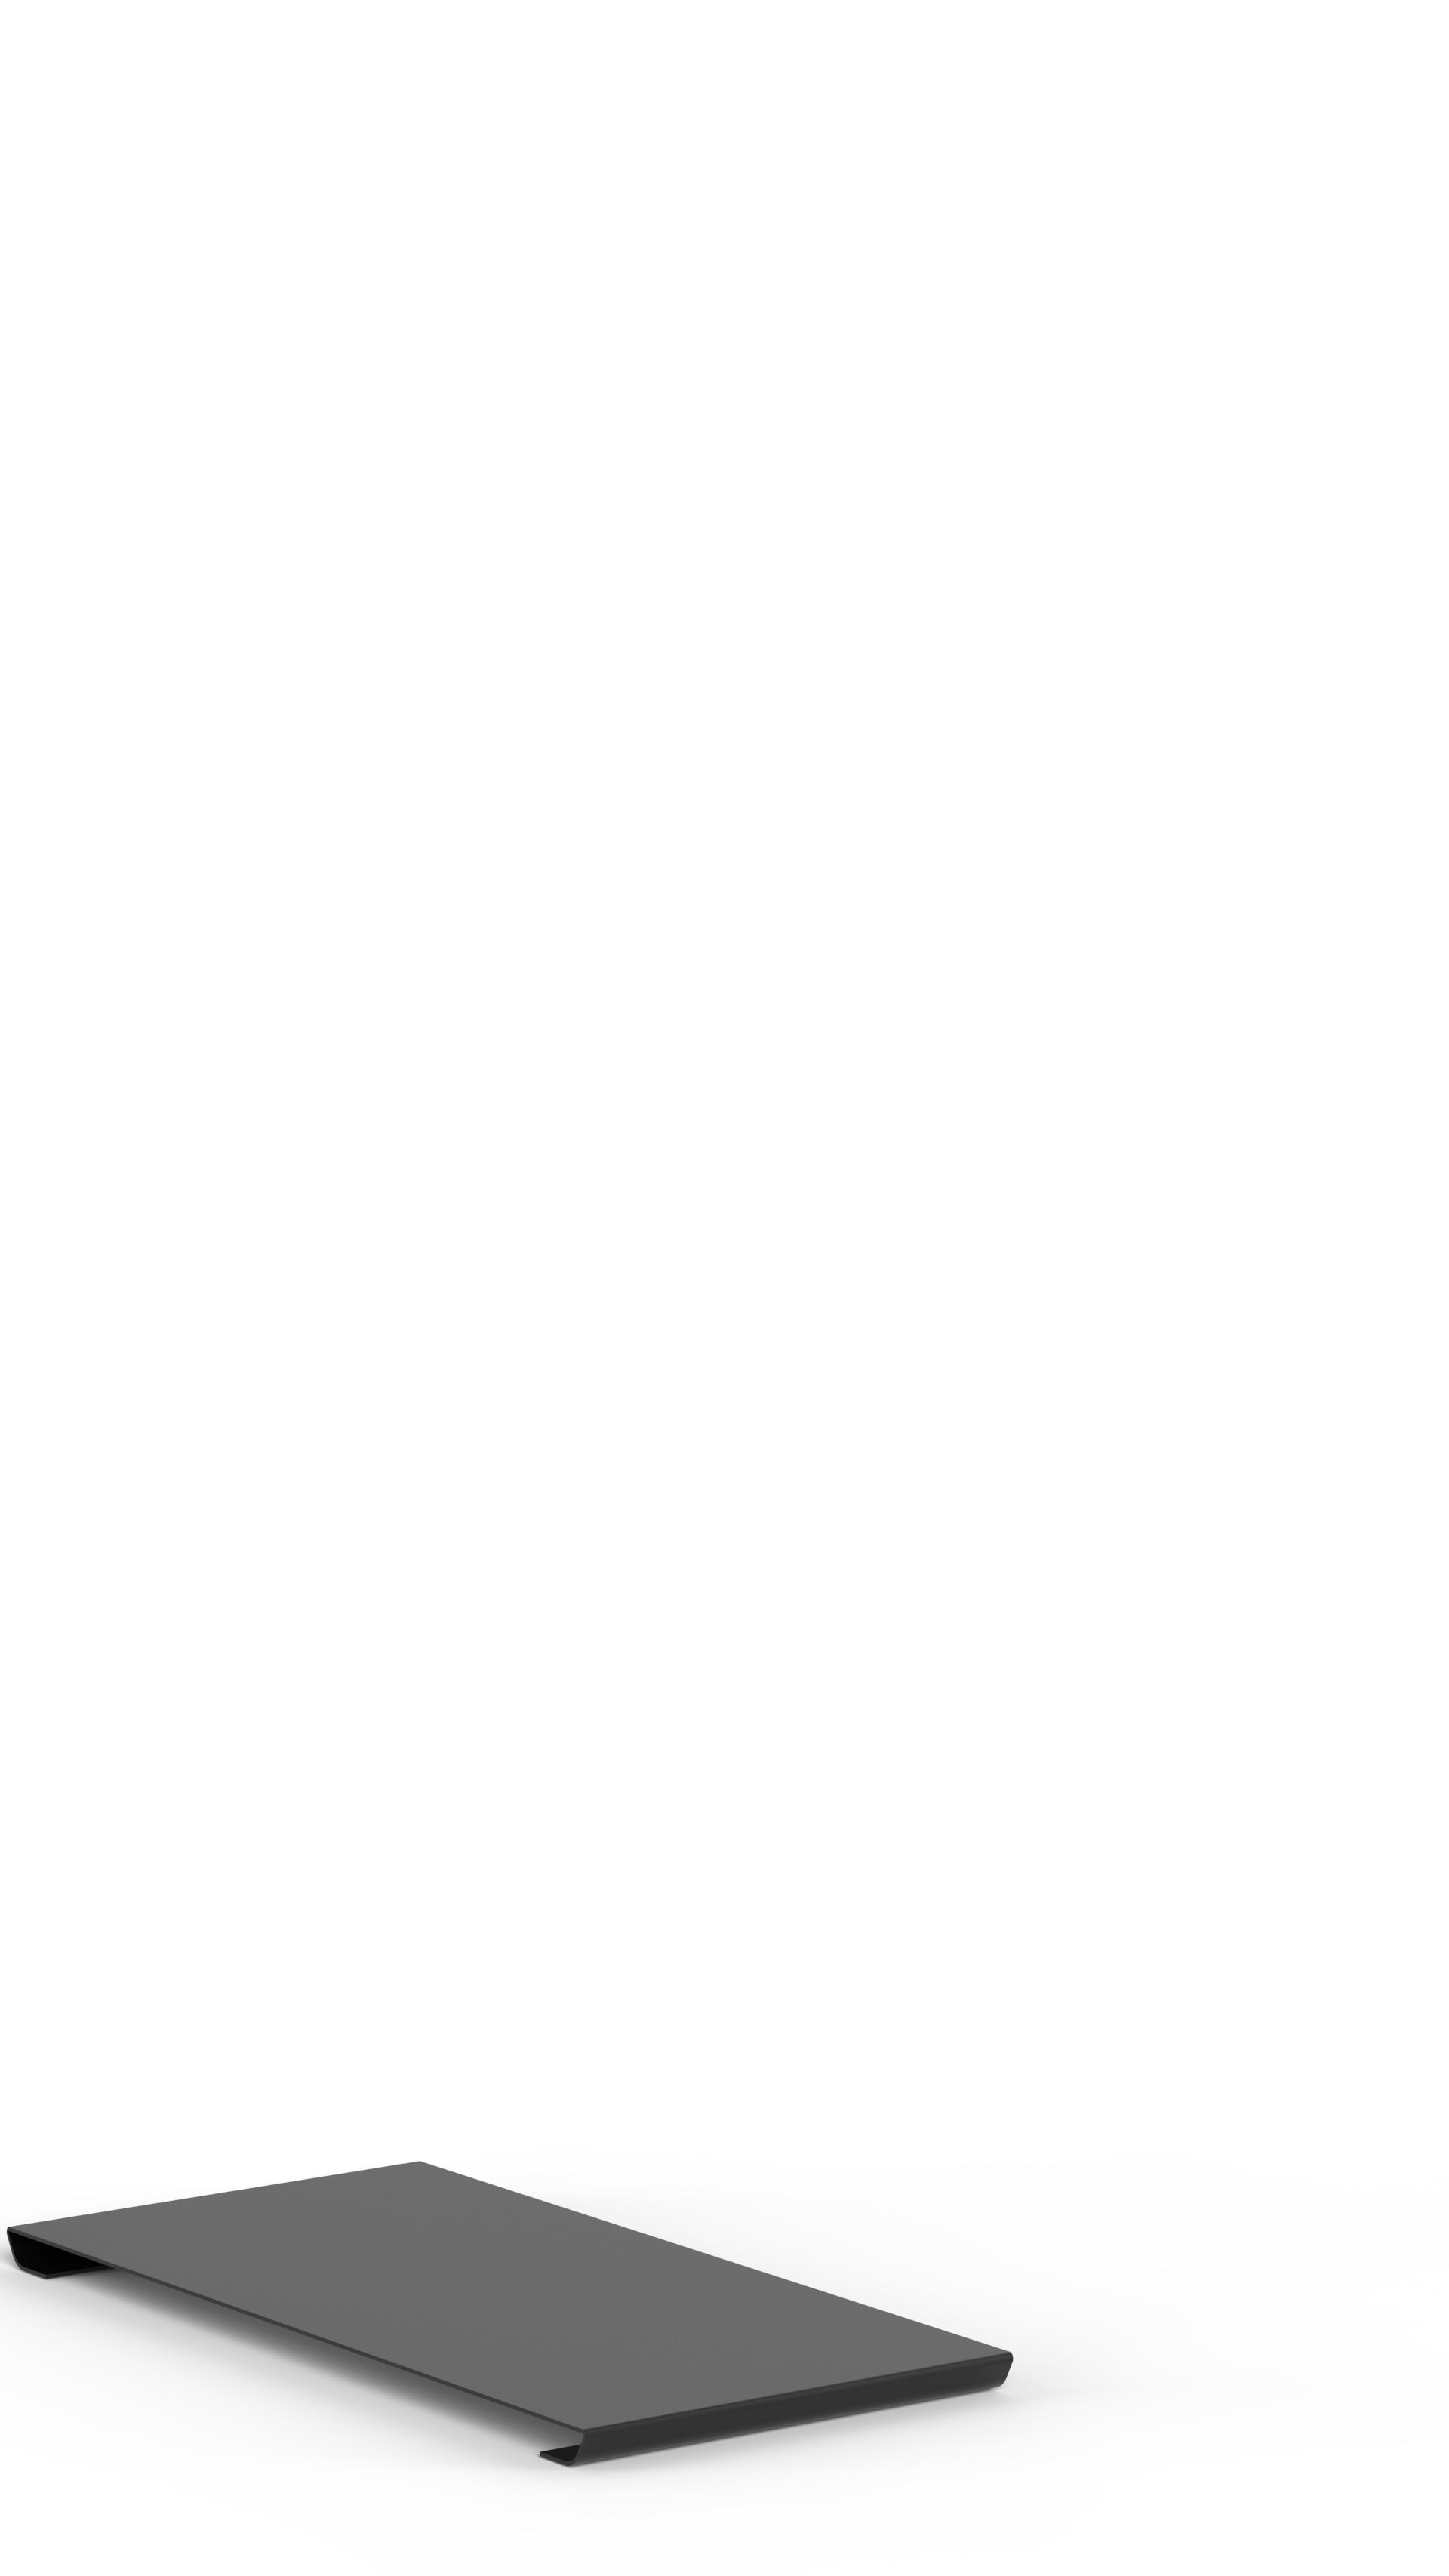 aeroPL50x25x2x2 Présentoir plateau de présentation SAINT-HONORÉ PARIS